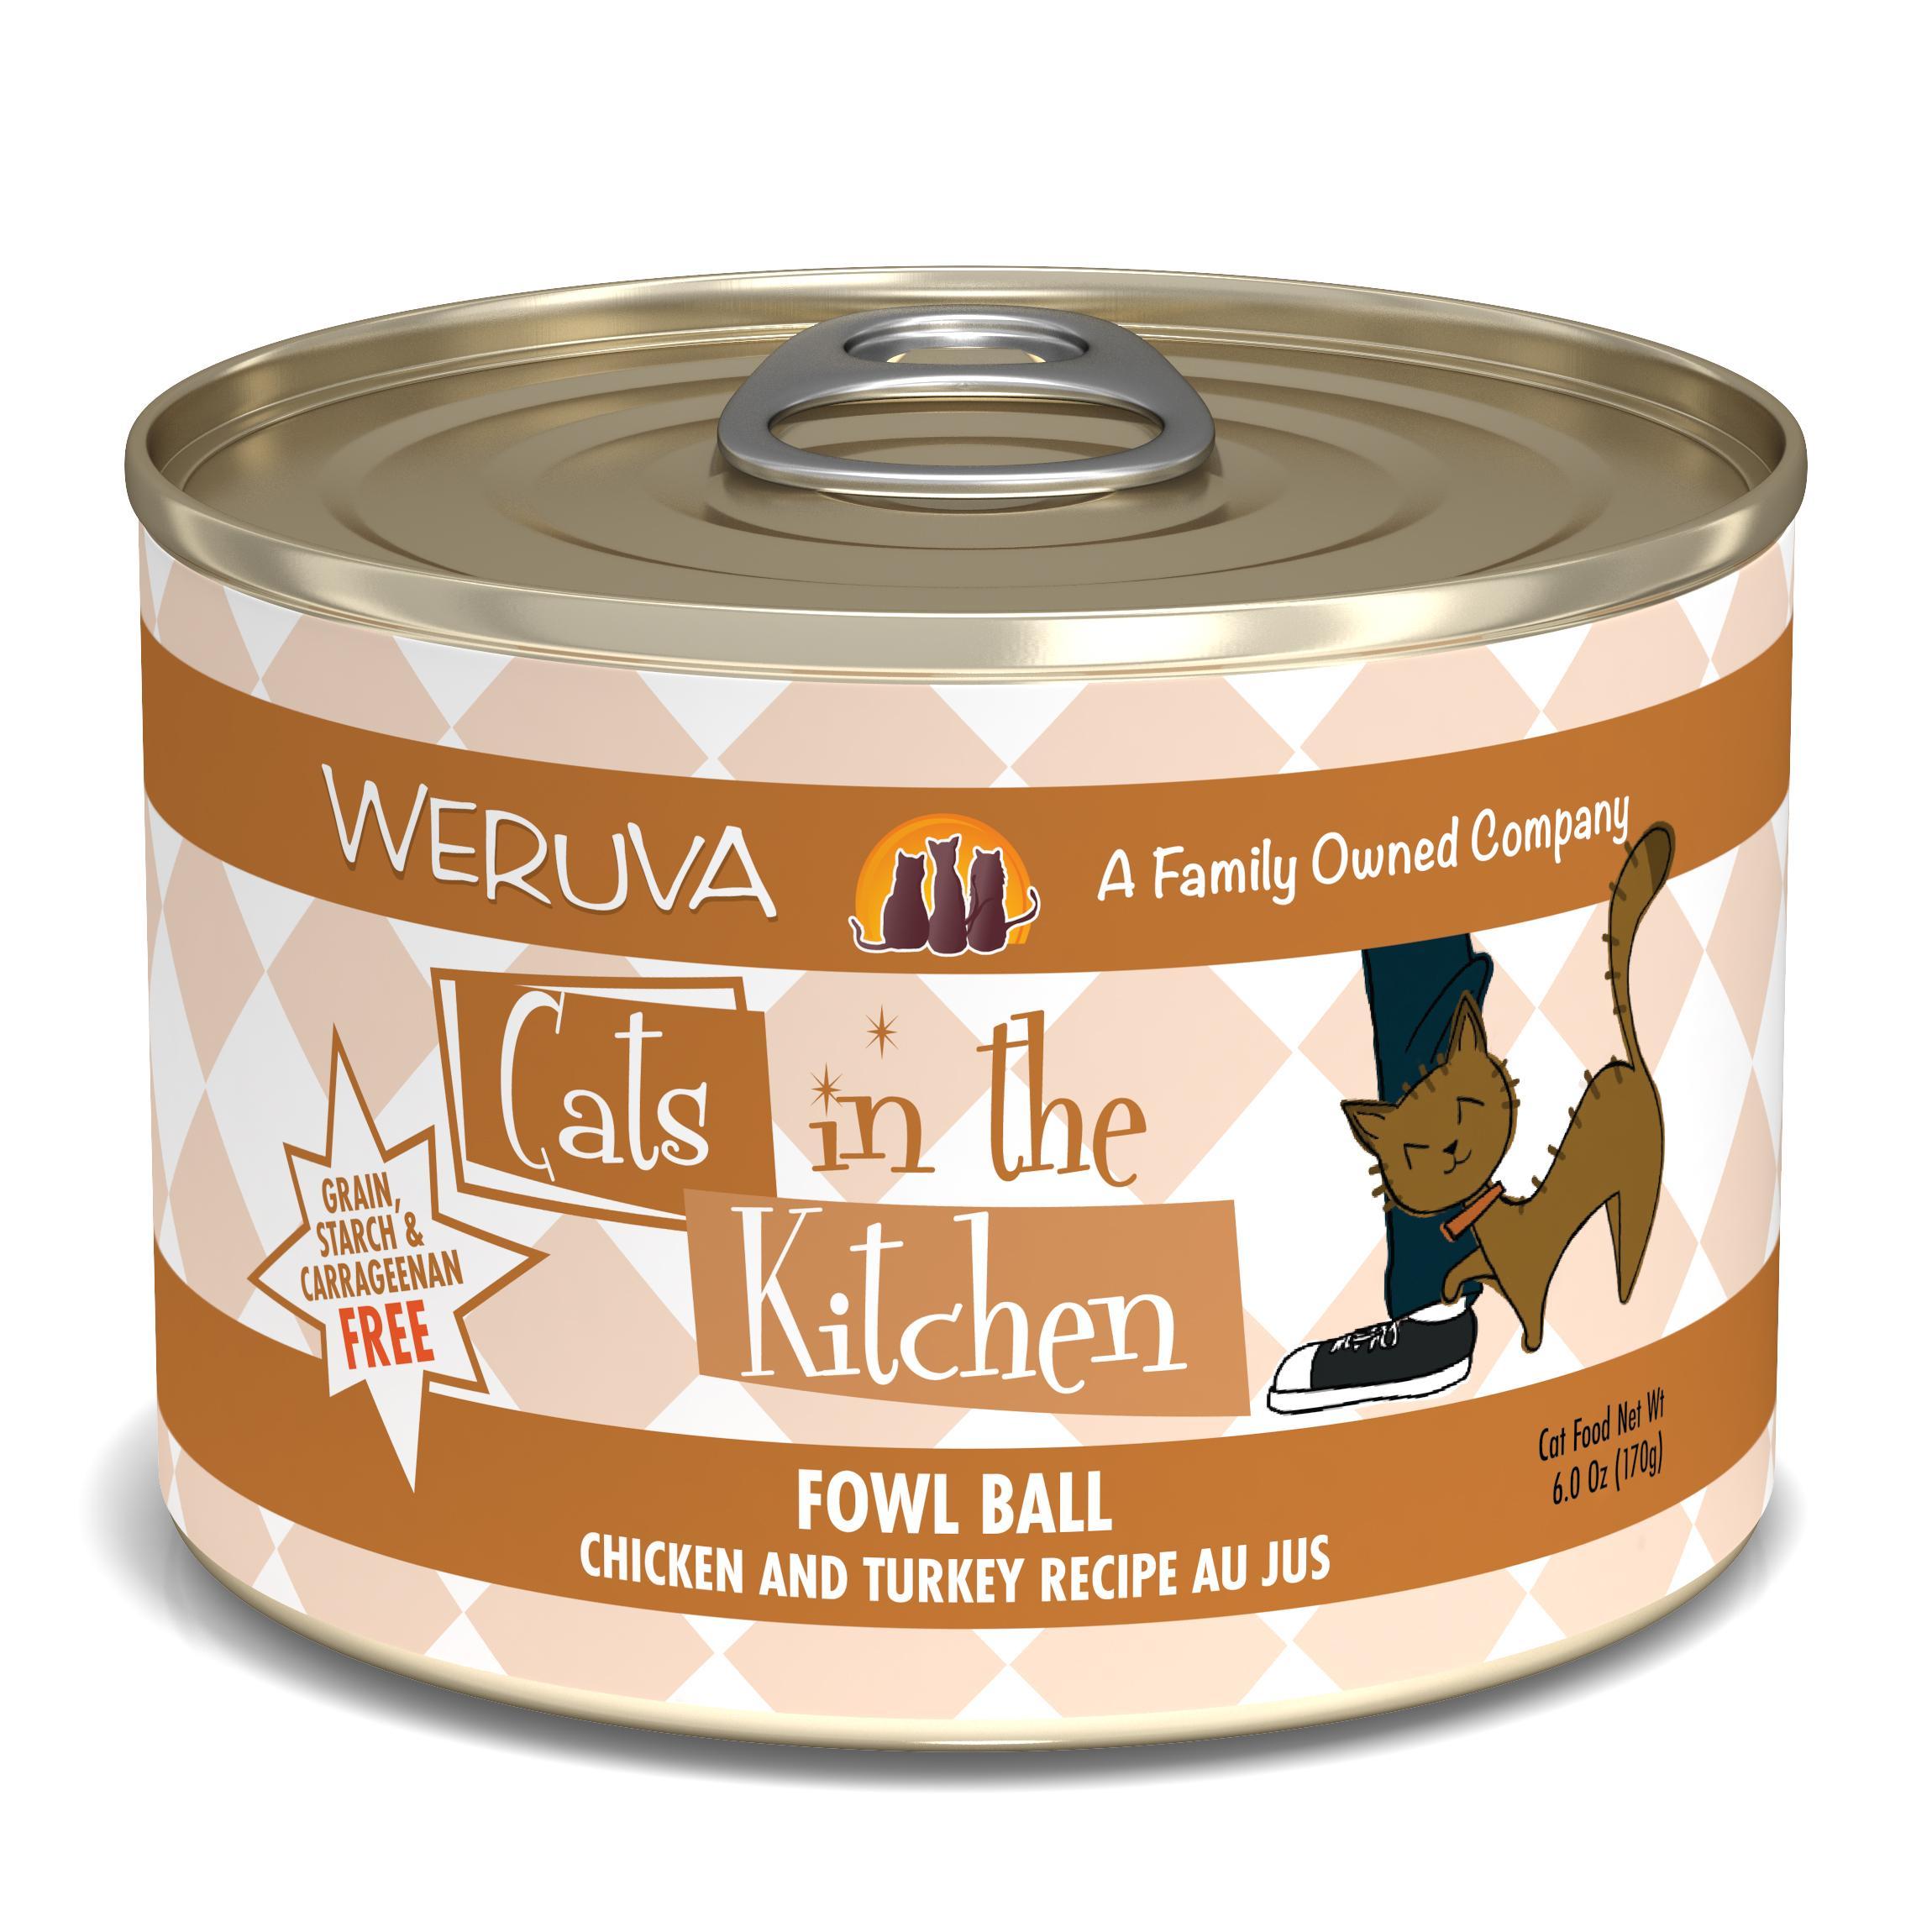 Weruva Cats in the Kitchen Fowl Ball Chicken & Turkey Au Jus Grain-Free Wet Cat Food, 6-oz